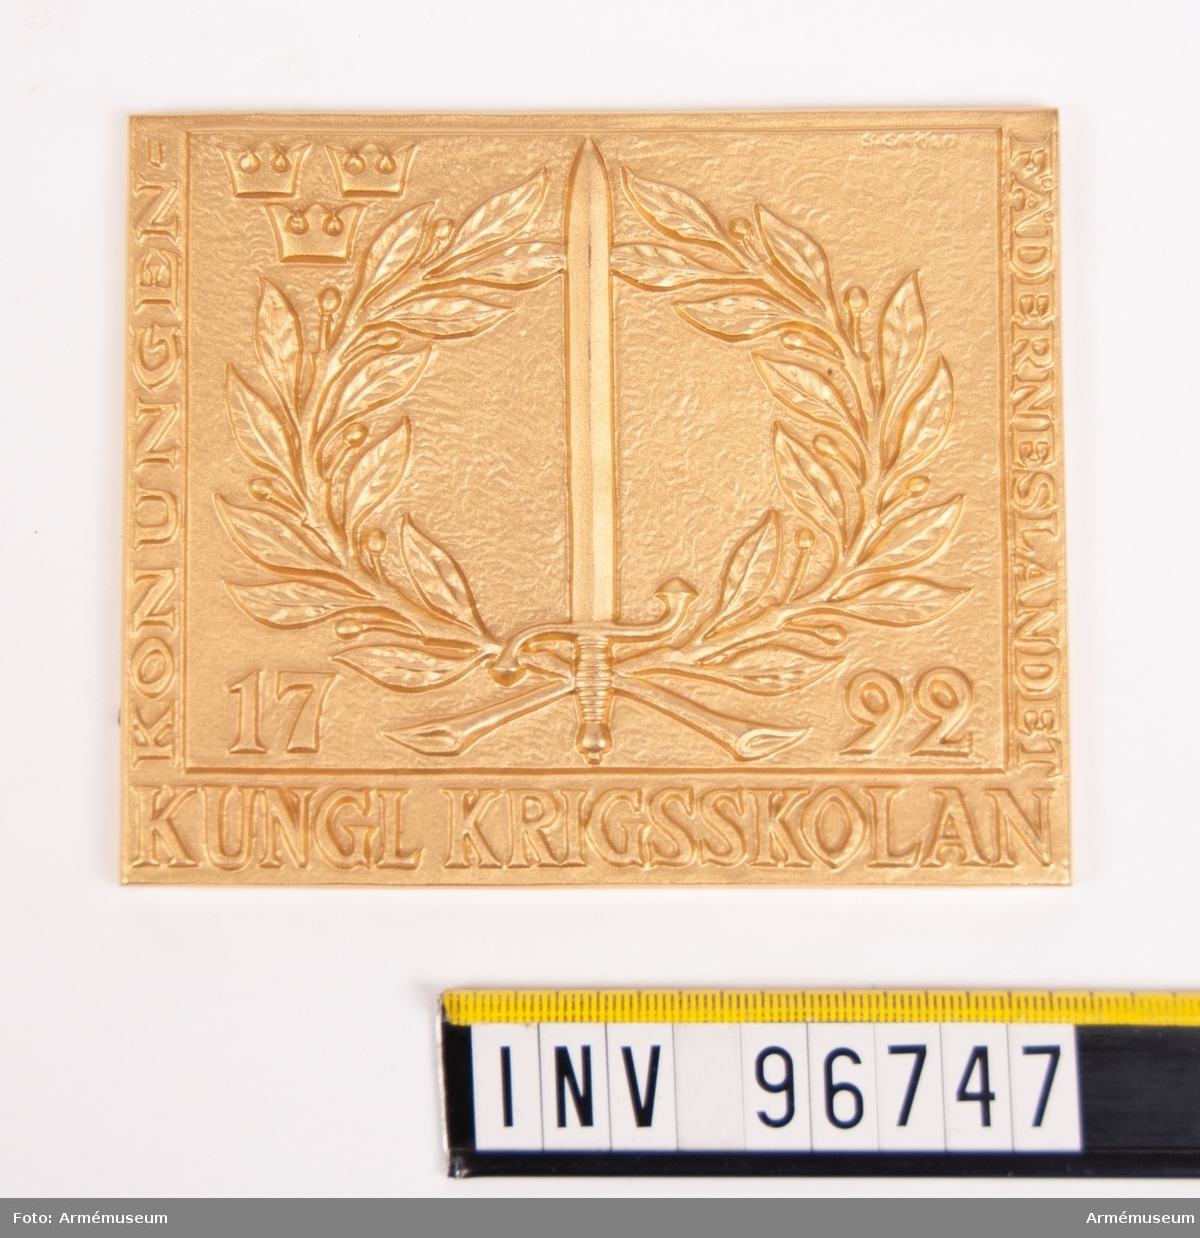 Plakett i guld för Kungliga krigsskolan. Plakett med svärd, kvistar samt 3-kronor jämte inskr. KUNGL KRIGSSKOLAN KONUNGEN - FÄDERNESLANDET 1792, efter modell av skulptör Åke Hammarberg. Stans nr 28769. Stans härdad 1963-05-30.